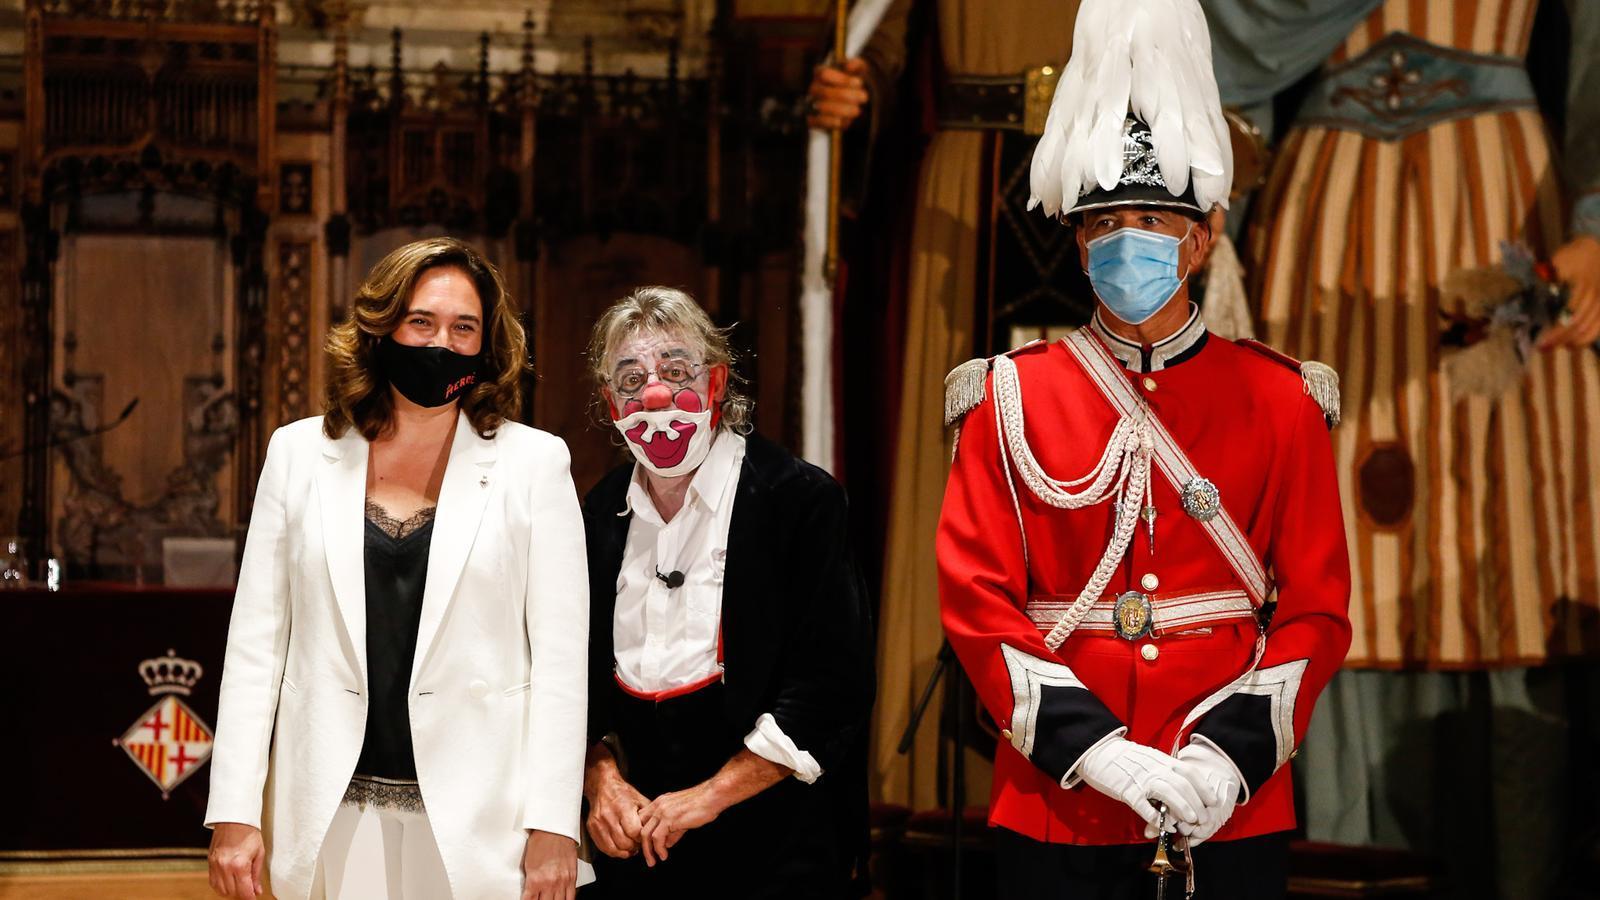 El pregó de Tortell Poltrona que indigna Valls i Ciutadans